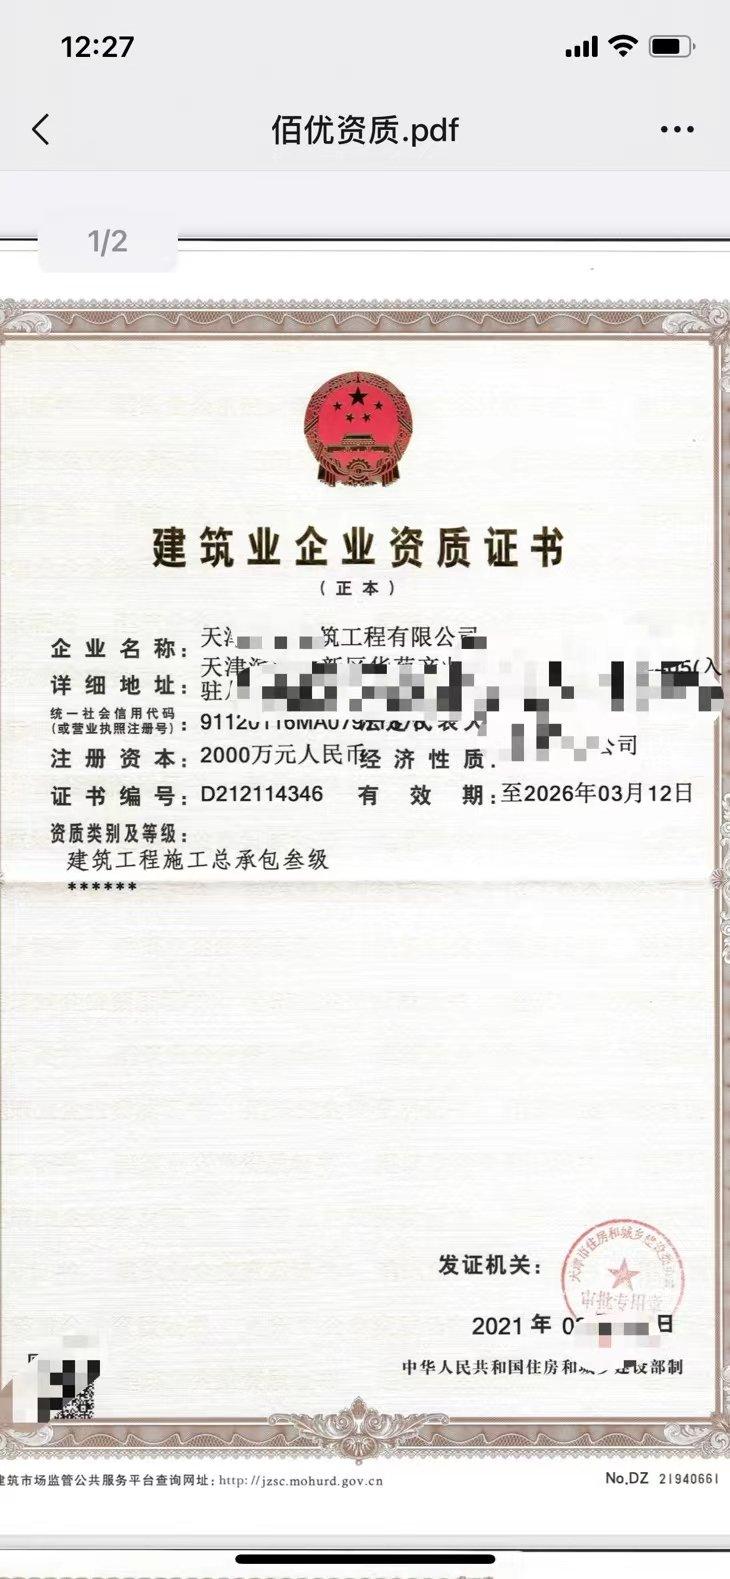 天津资质增项少花钱一样快速通过,大熊帮你轻松拿到证书